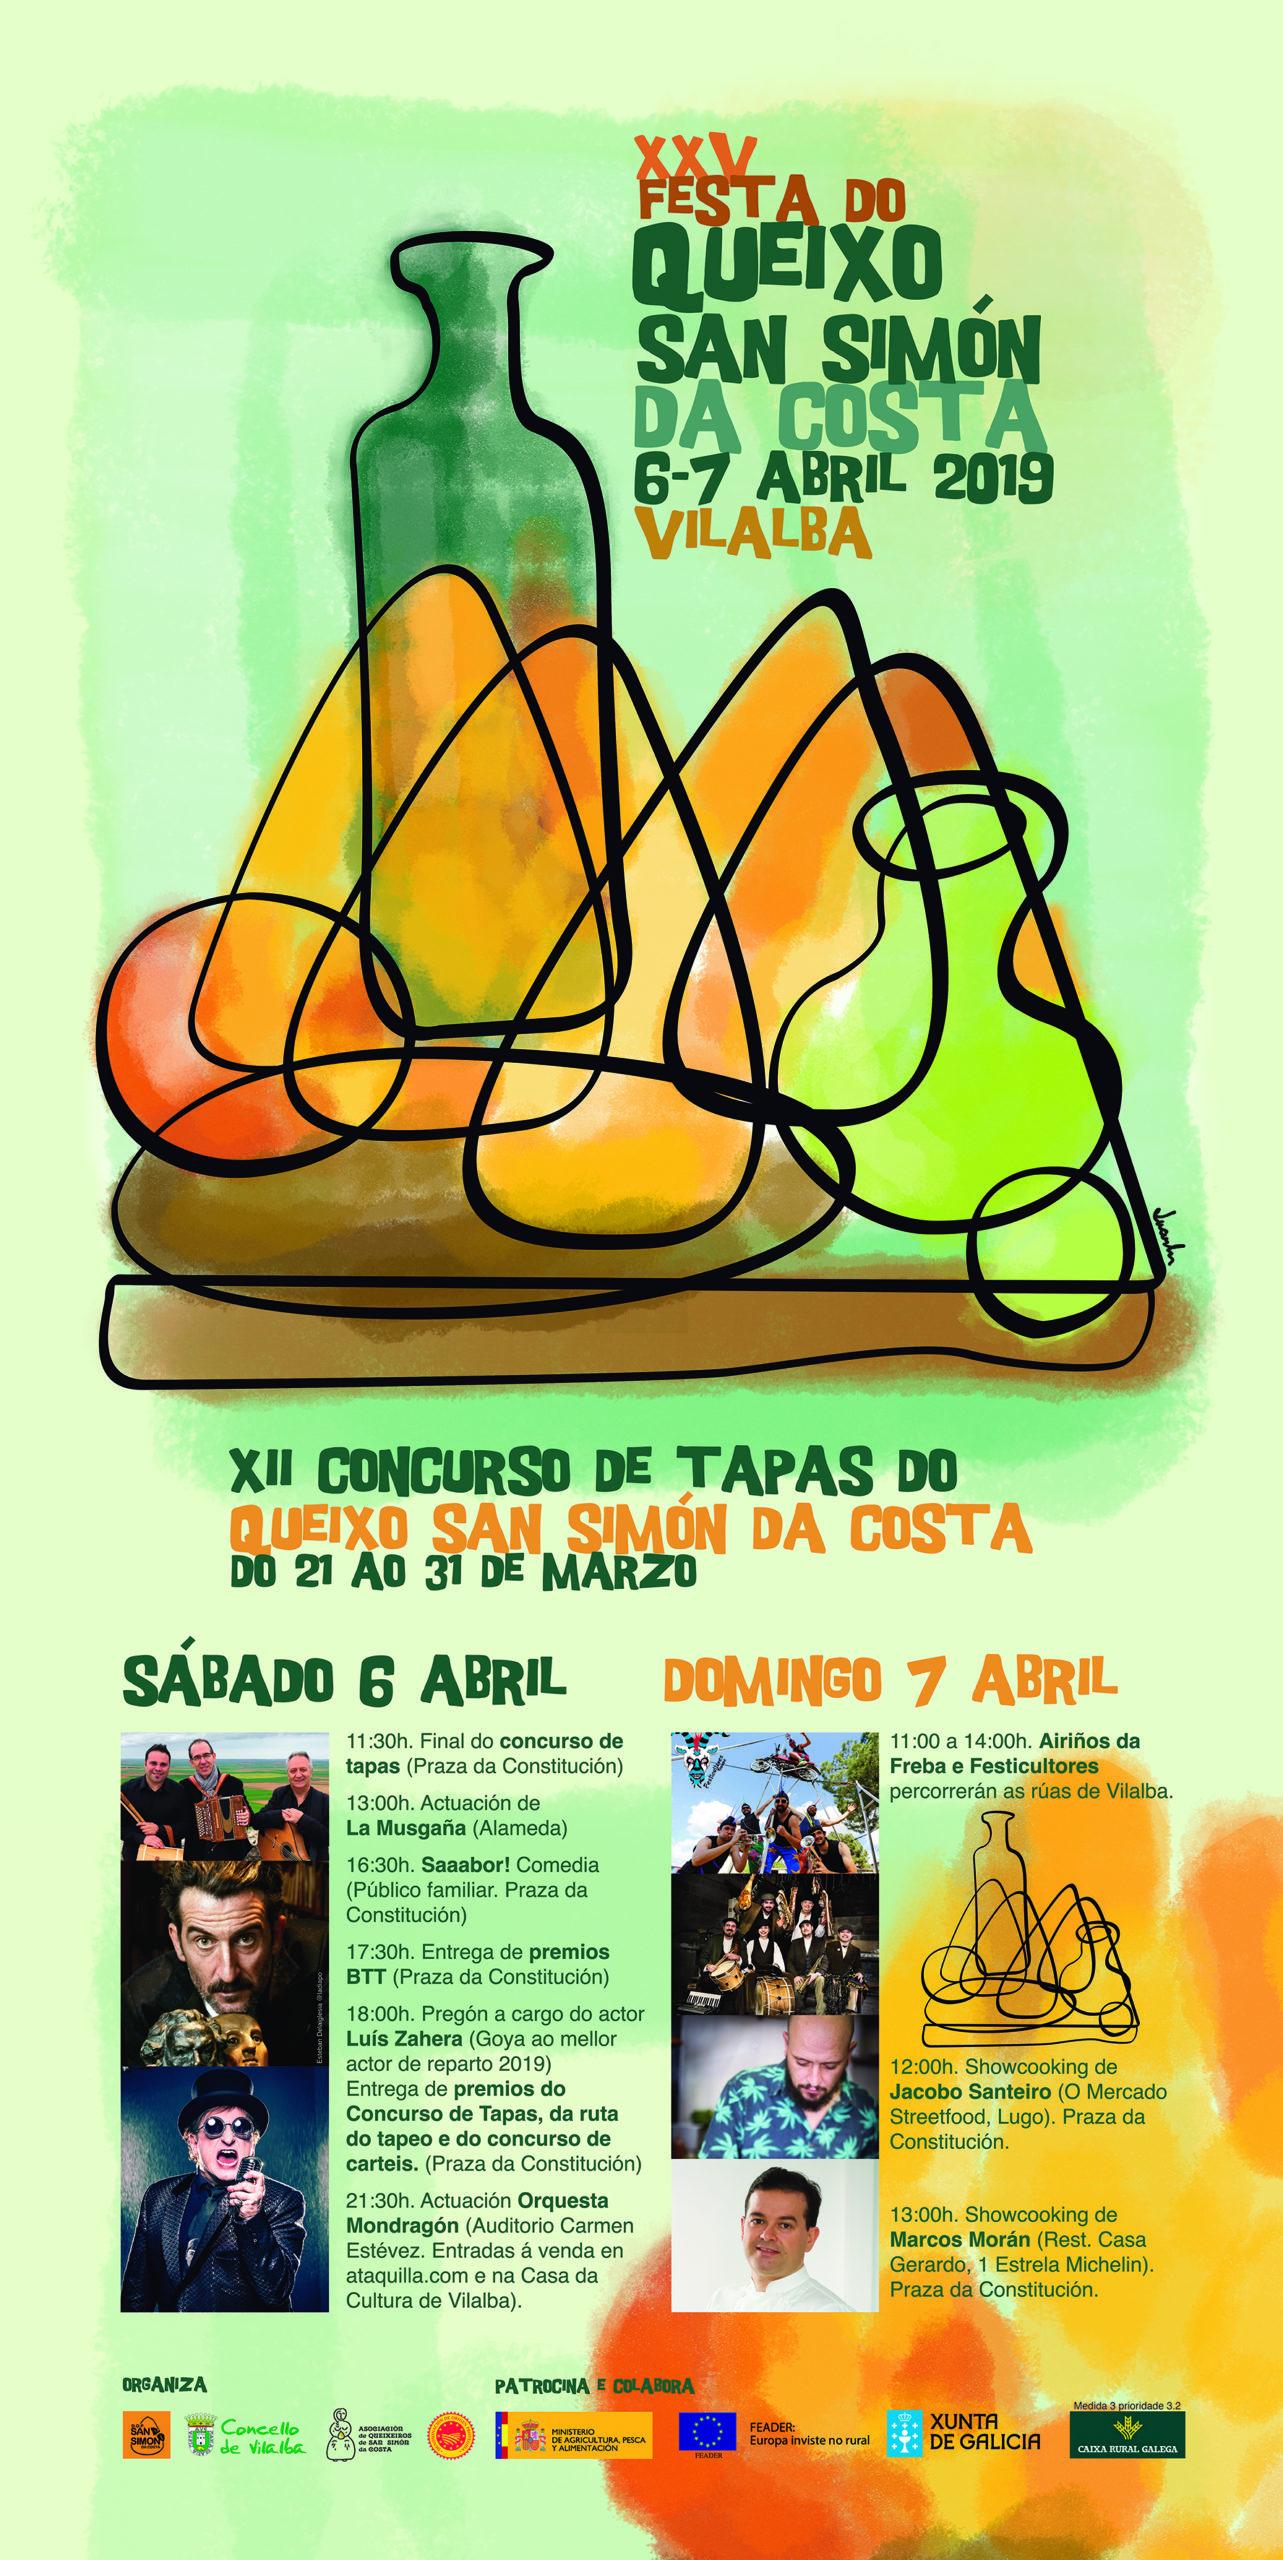 XXV Festa do Queixo San Simón da Costa - Vilalba